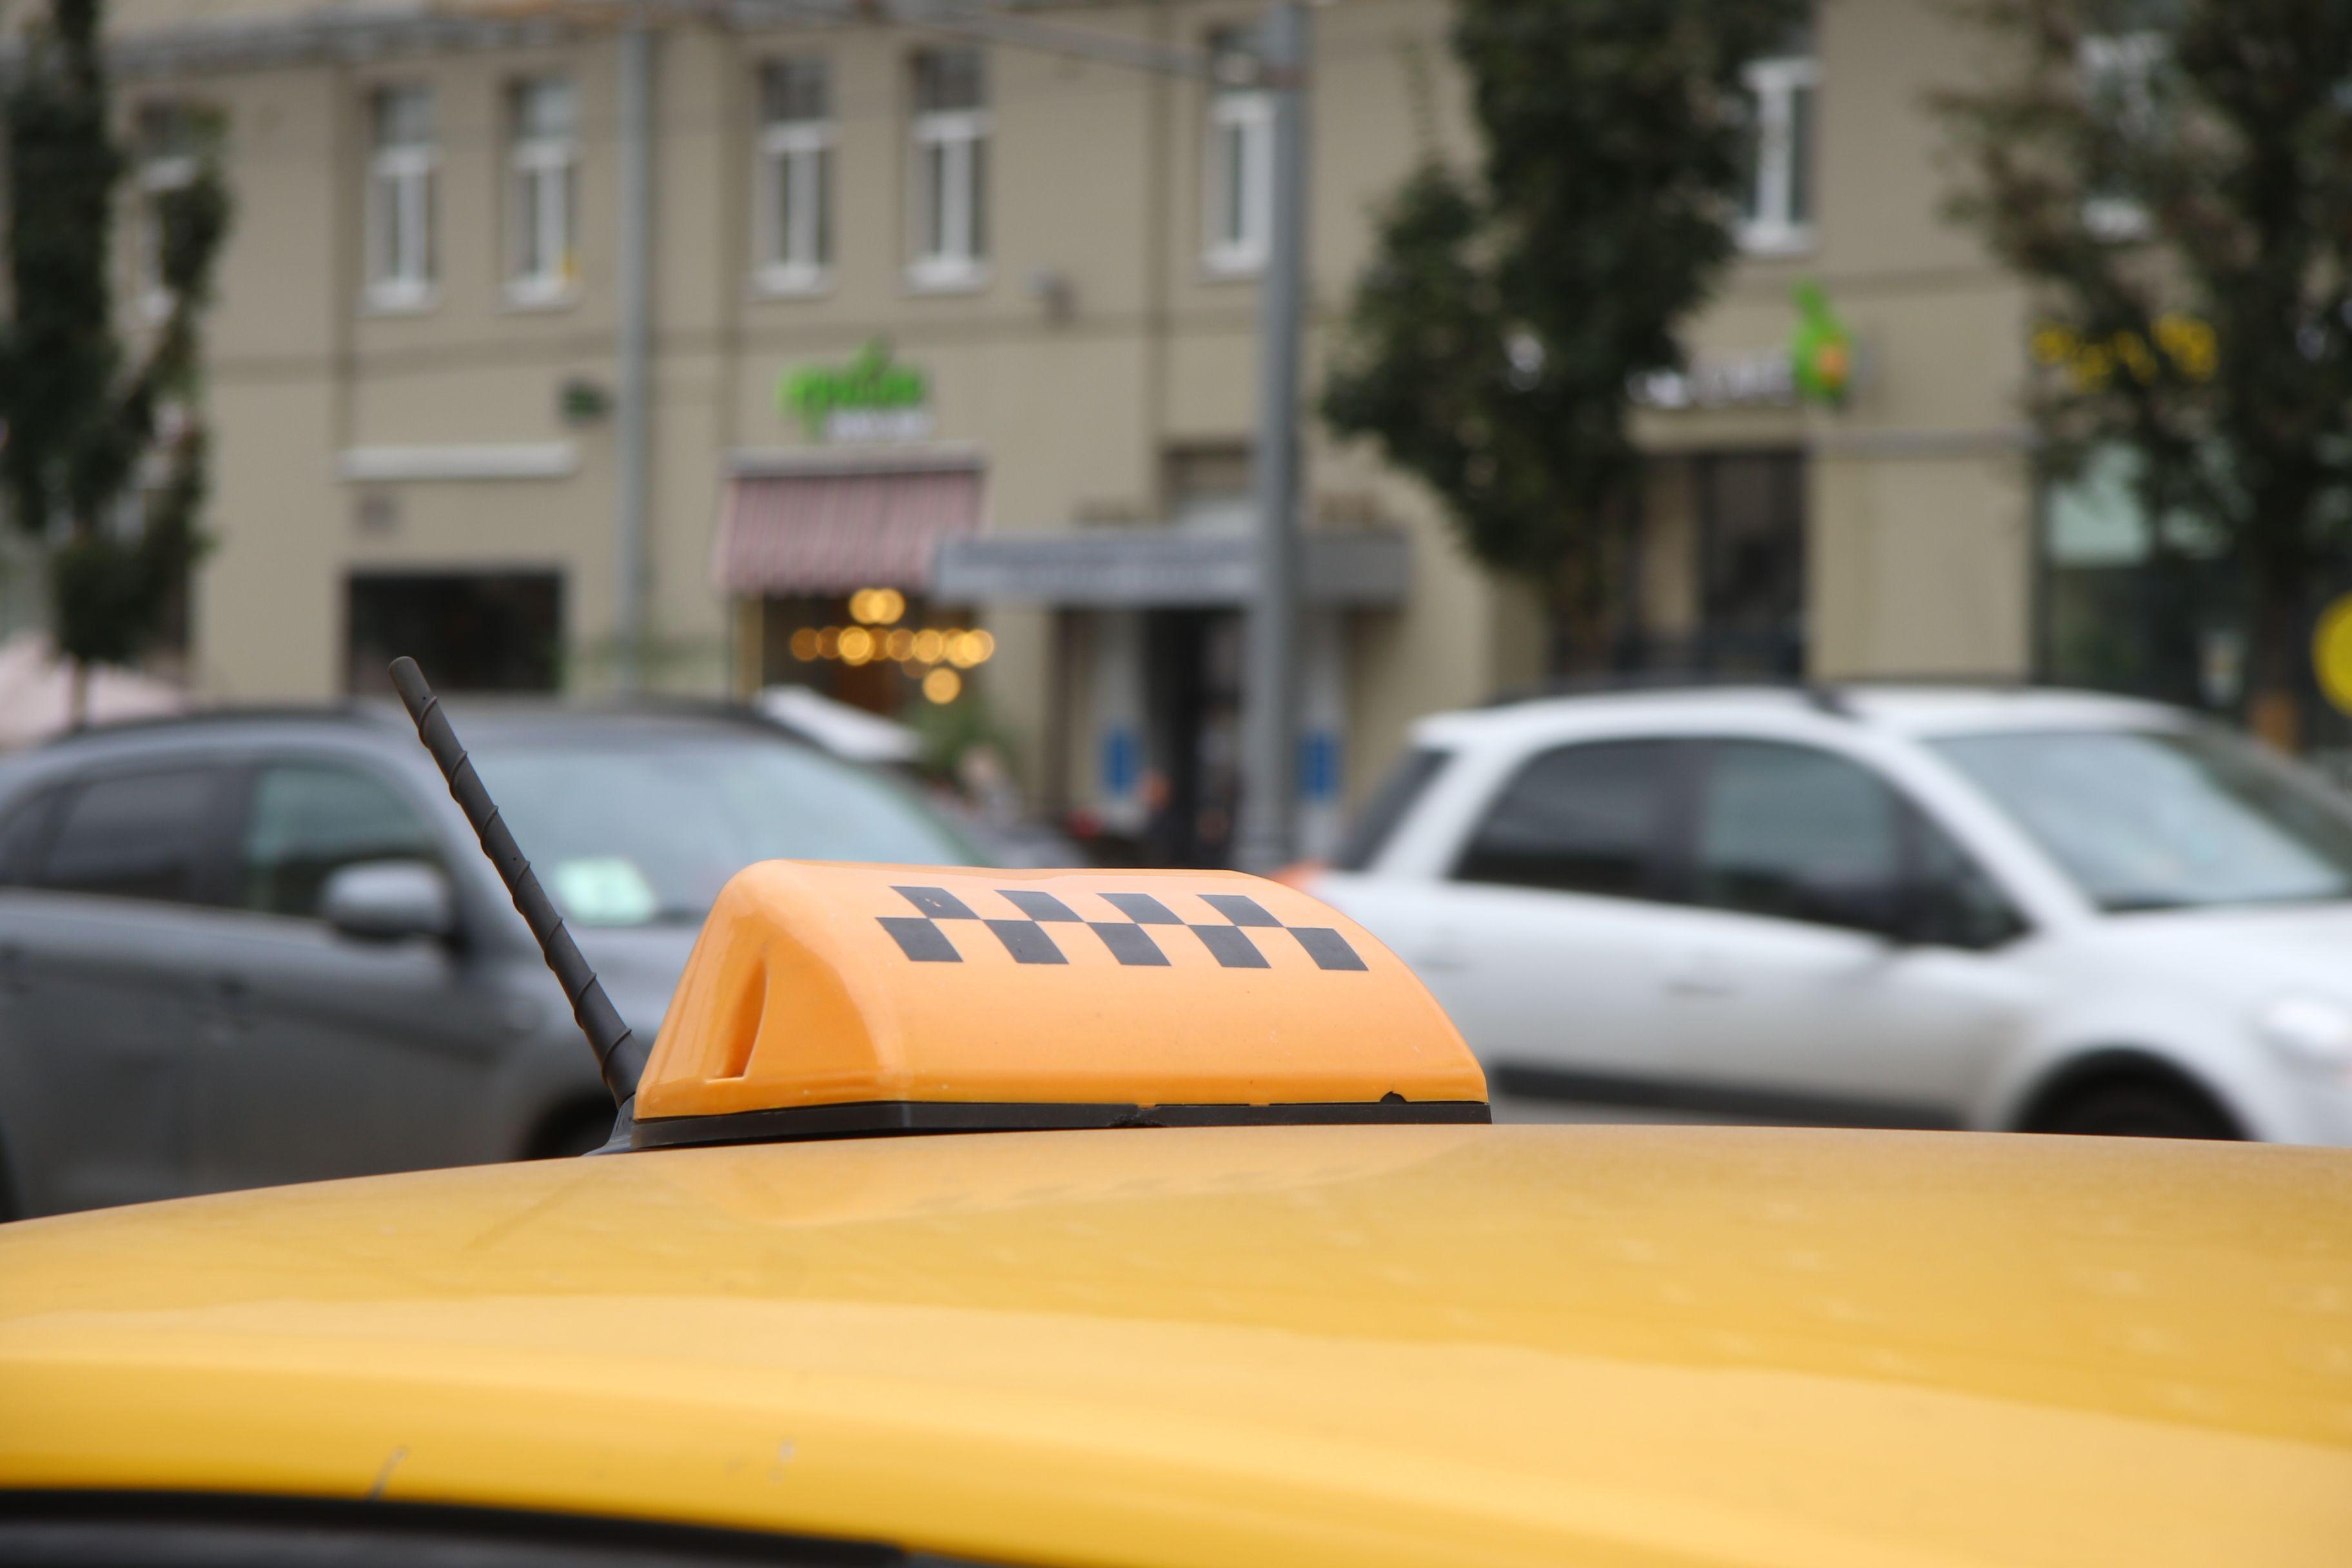 Ежедневный пассажиропоток такси достиг 900 тысяч человек в Москве